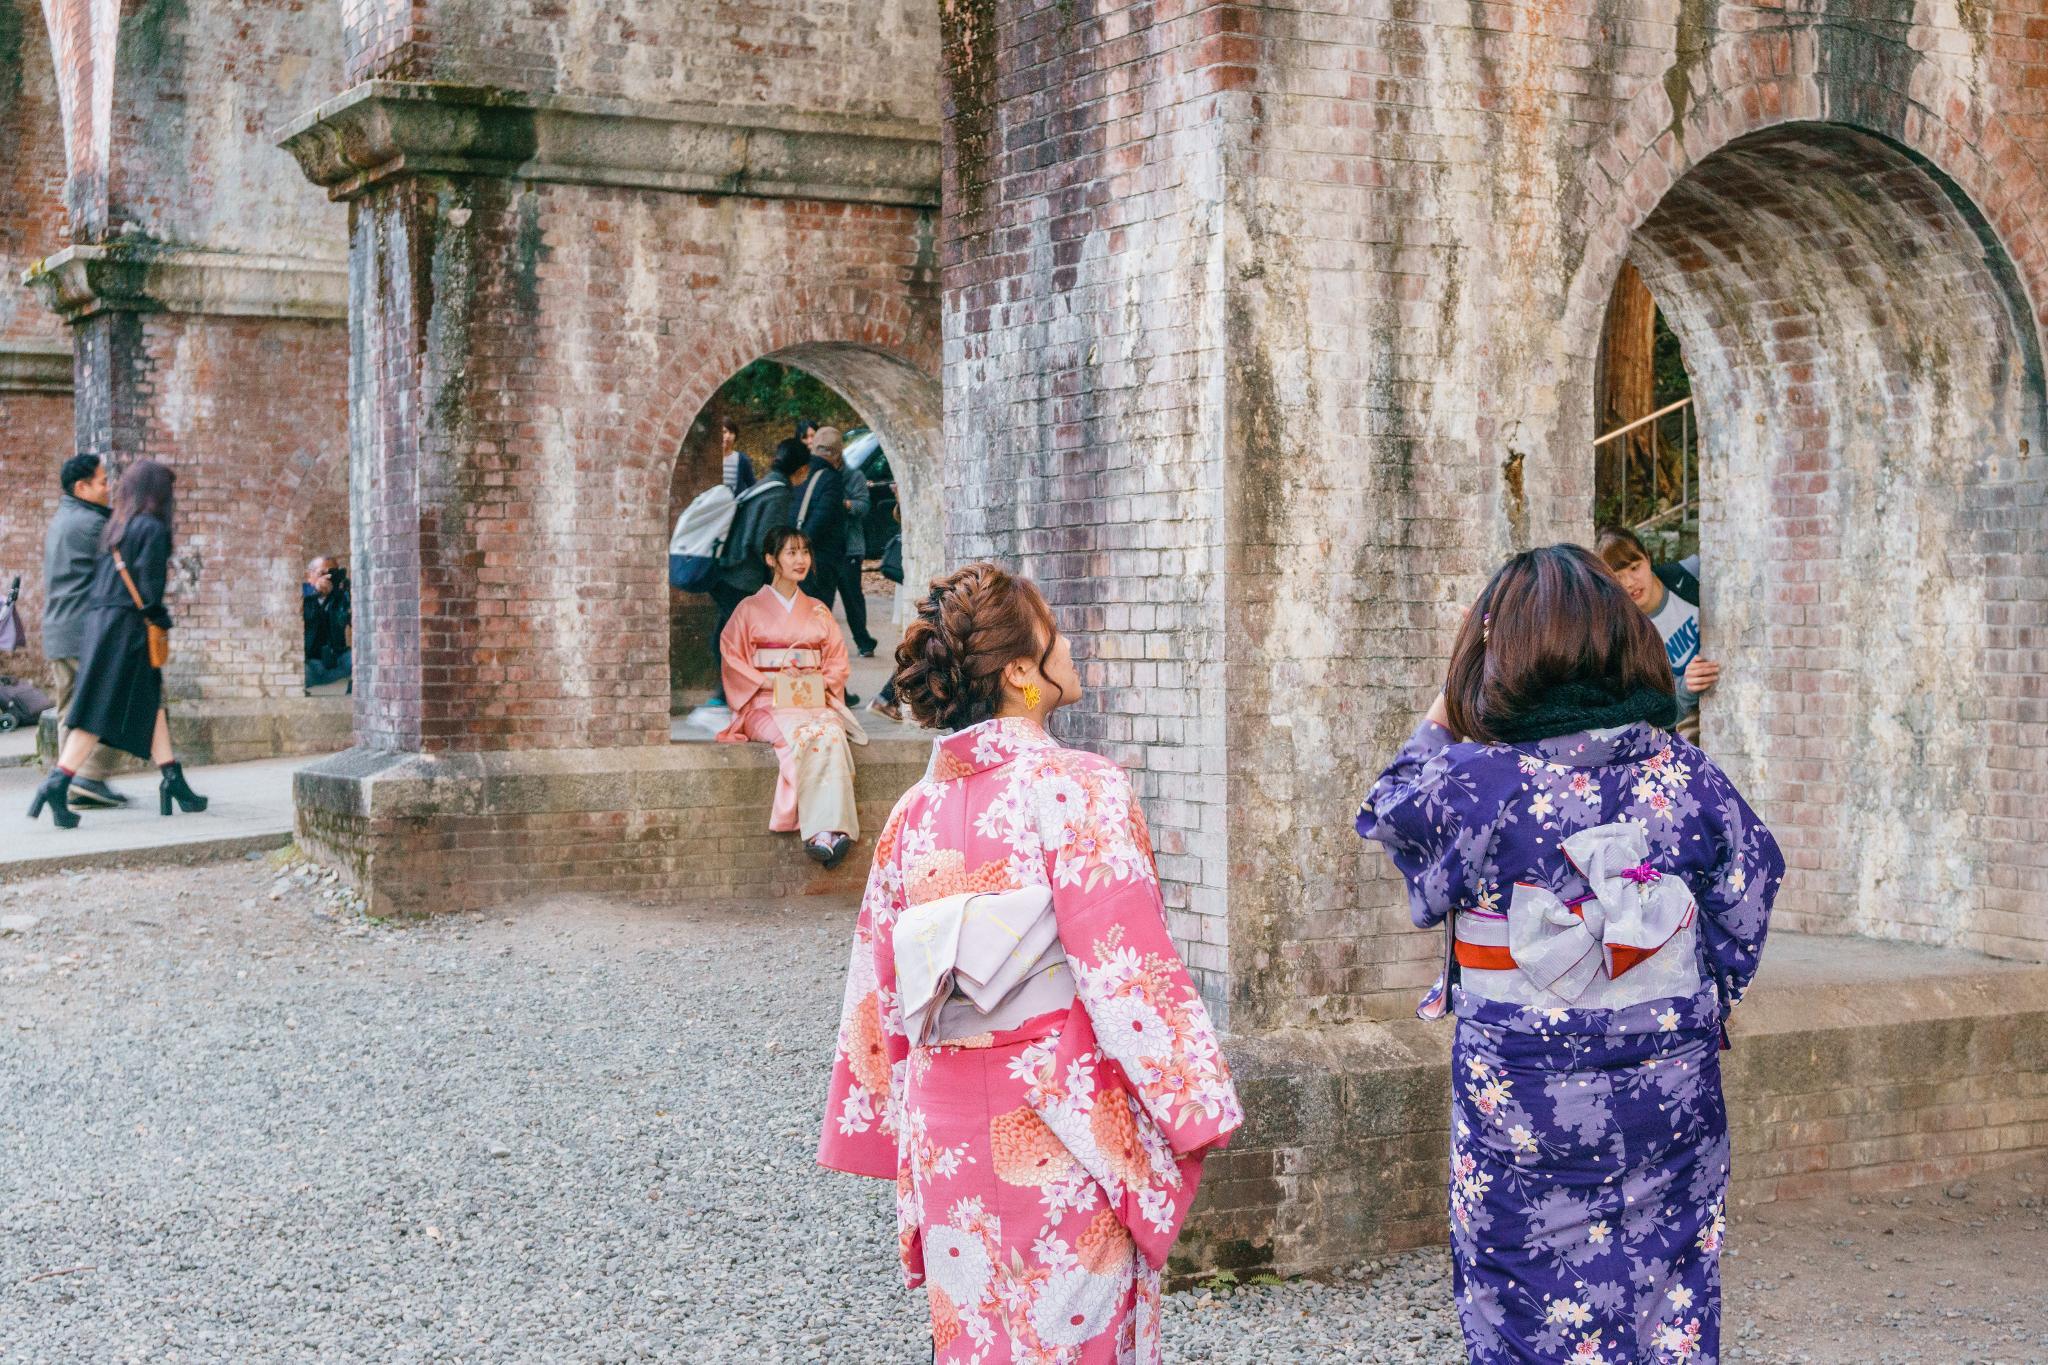 【京都】秋光葉影的古寺散策 - 南禪寺 106